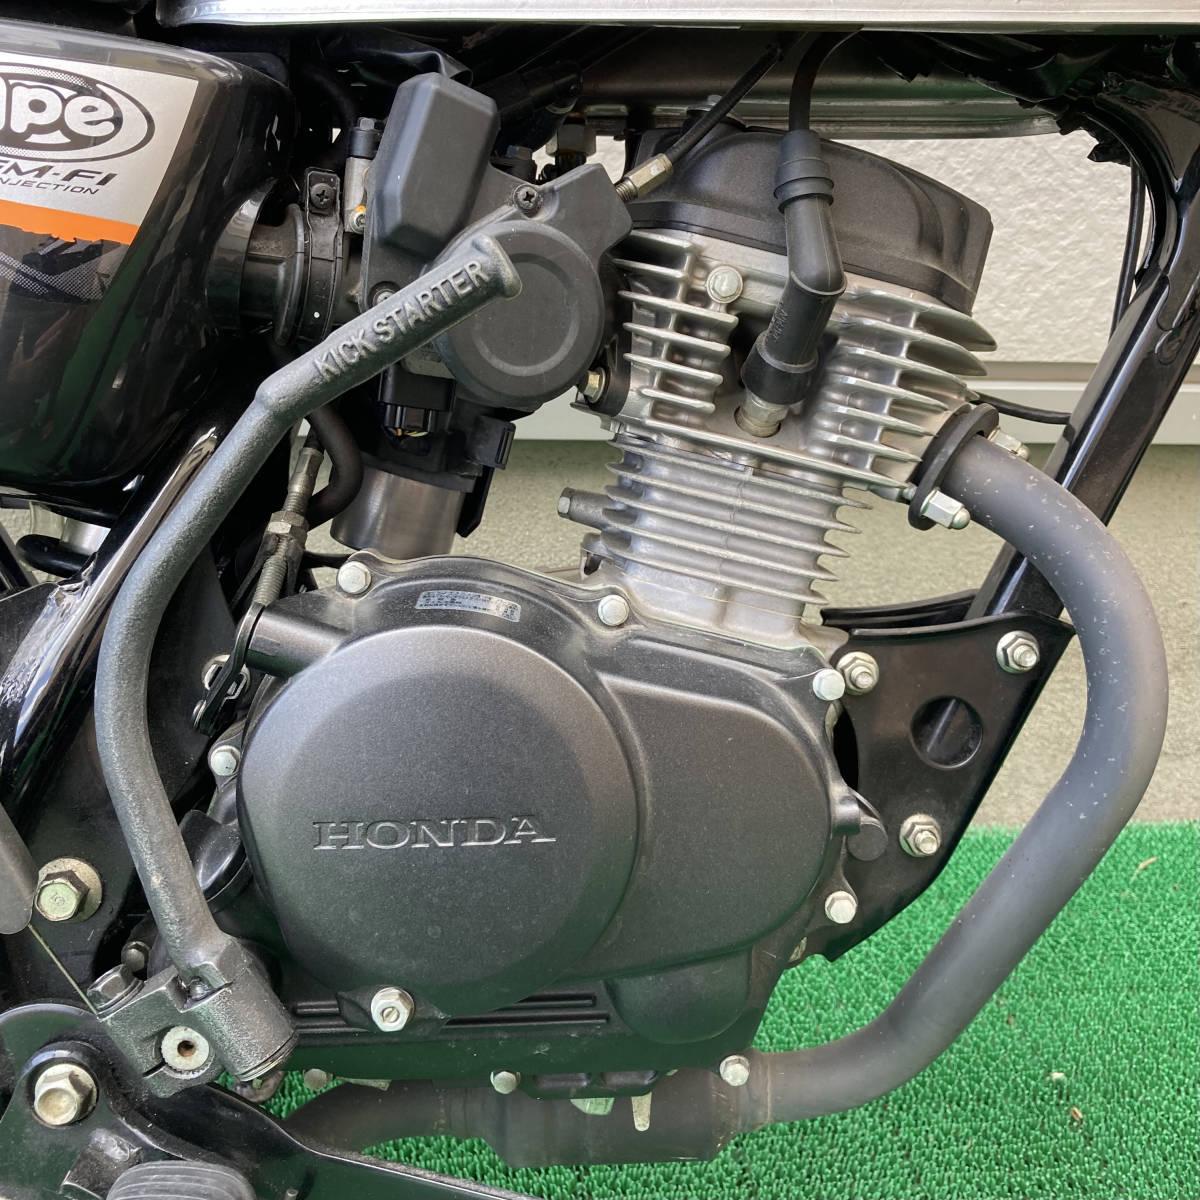 「引取限定 HONDA ホンダ APE Type D エイプ 50cc JBH-AC18 空冷 4スト 2010年代 自賠責付き 取扱説明書 クラッチ マニュアル 5速」の画像3